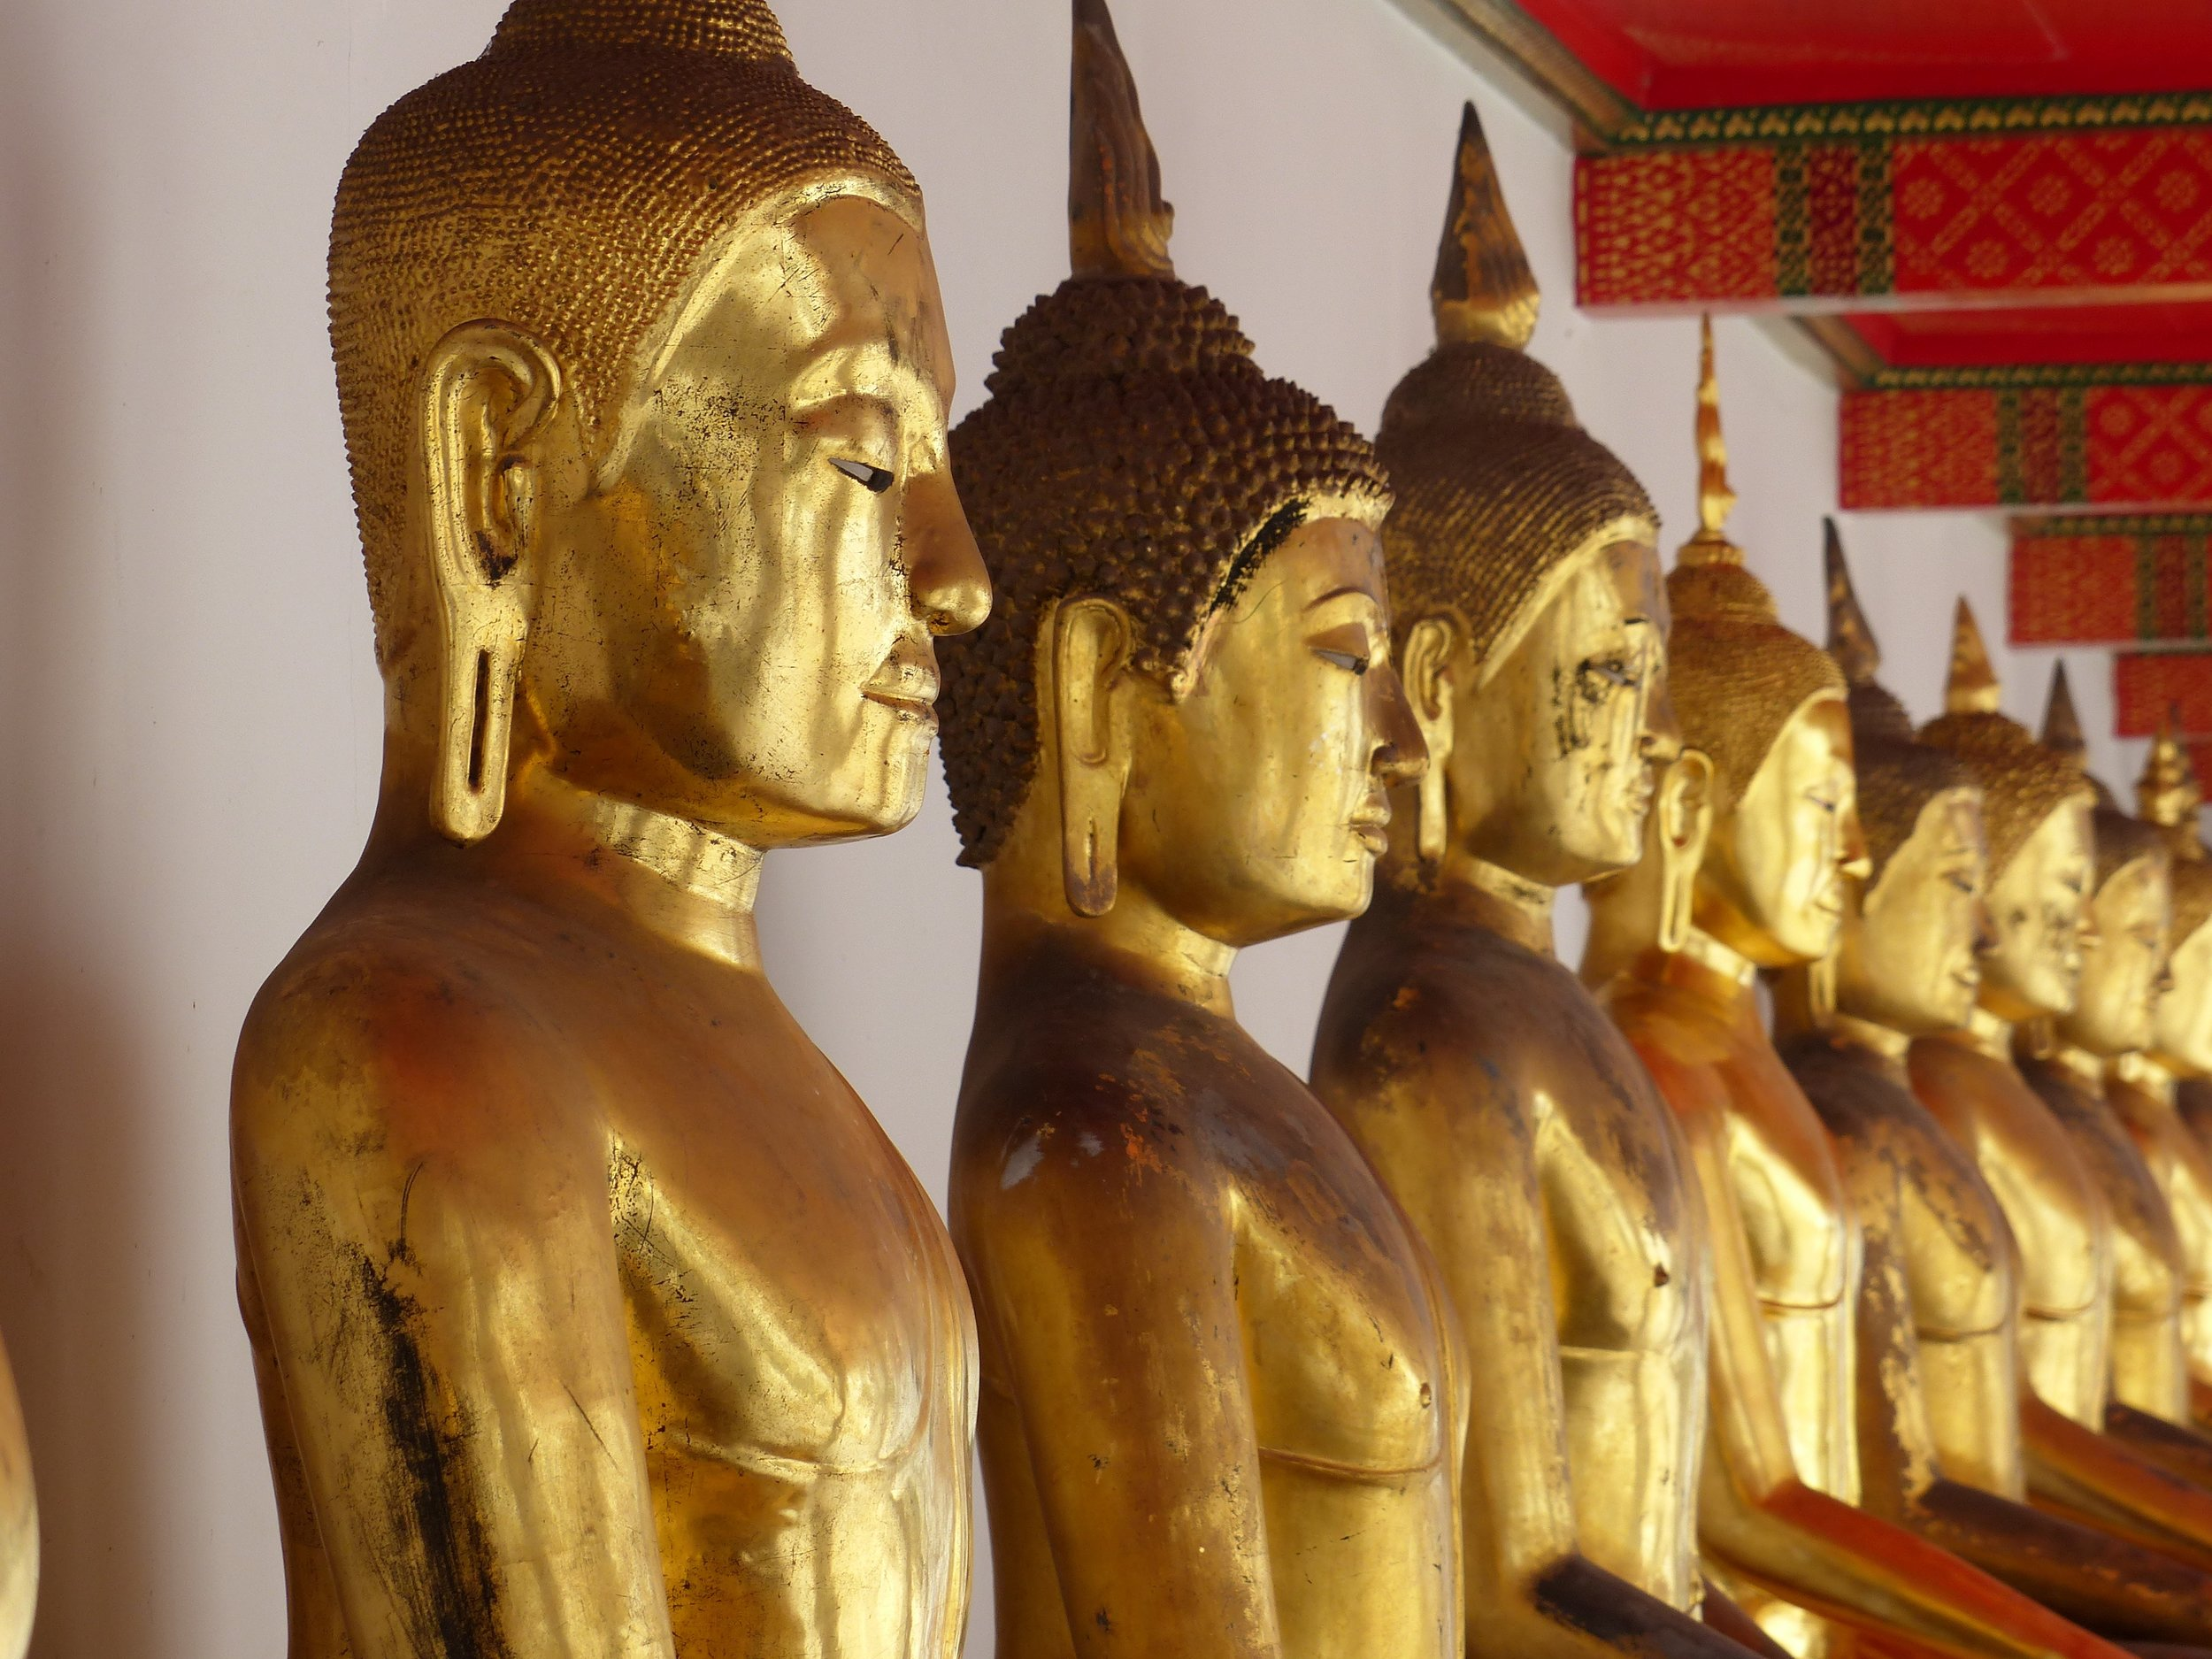 Collection of Buddhas at Wat Pho, Bangkok